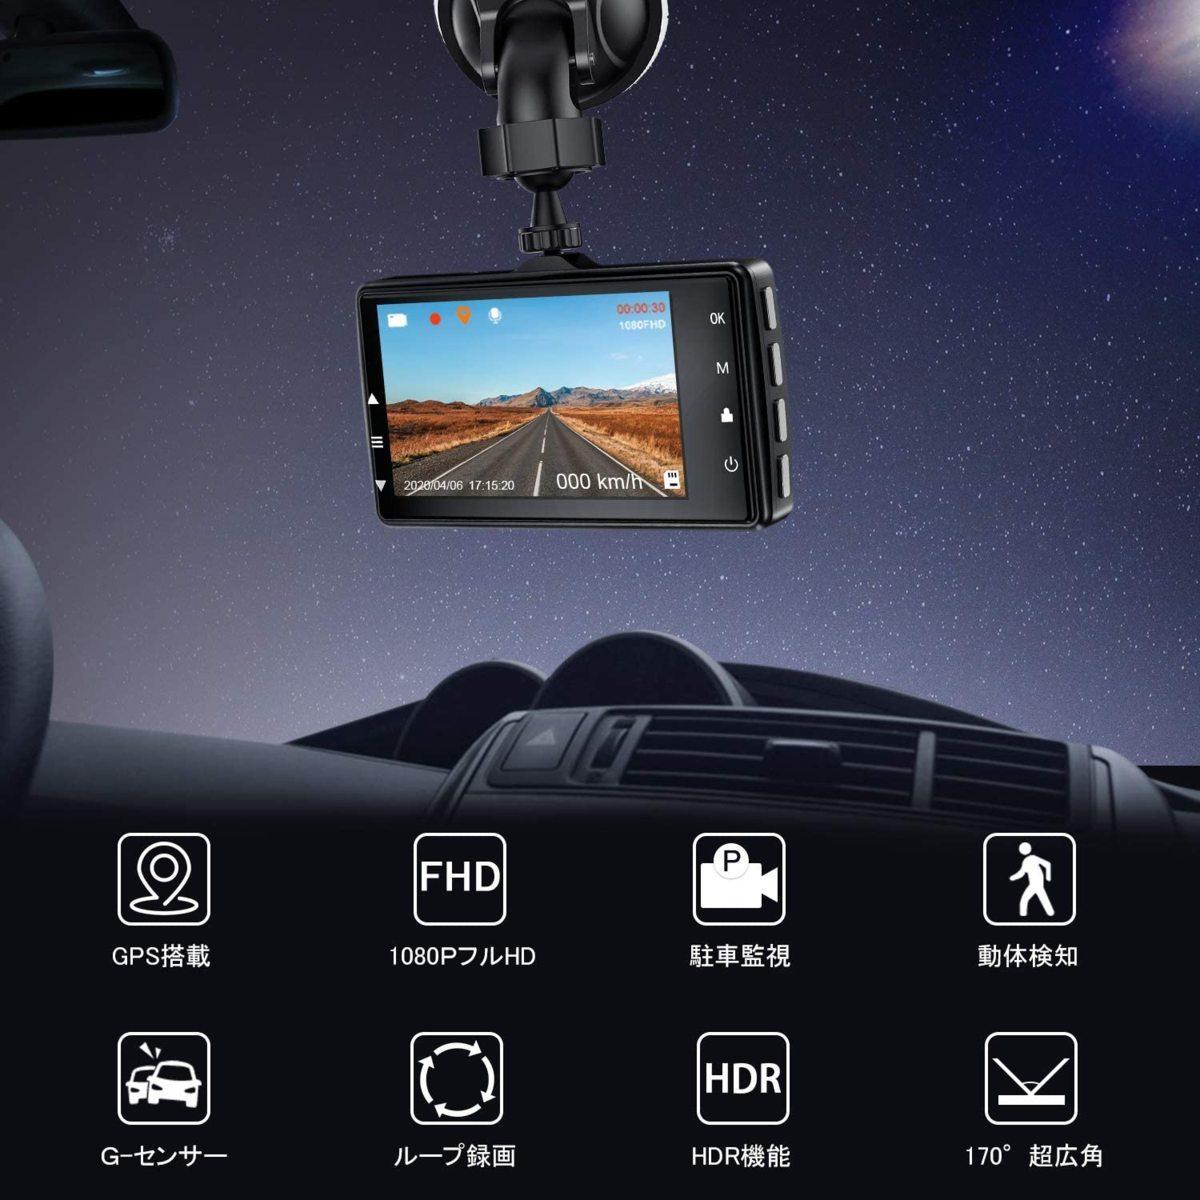 ■新品■ドライブレコーダー 【GPS搭載&前後カメラ】フルHD高画質 170度広角視野 駐車監視 衝撃録画 常時録画 Gセンサー 時速表示_画像6